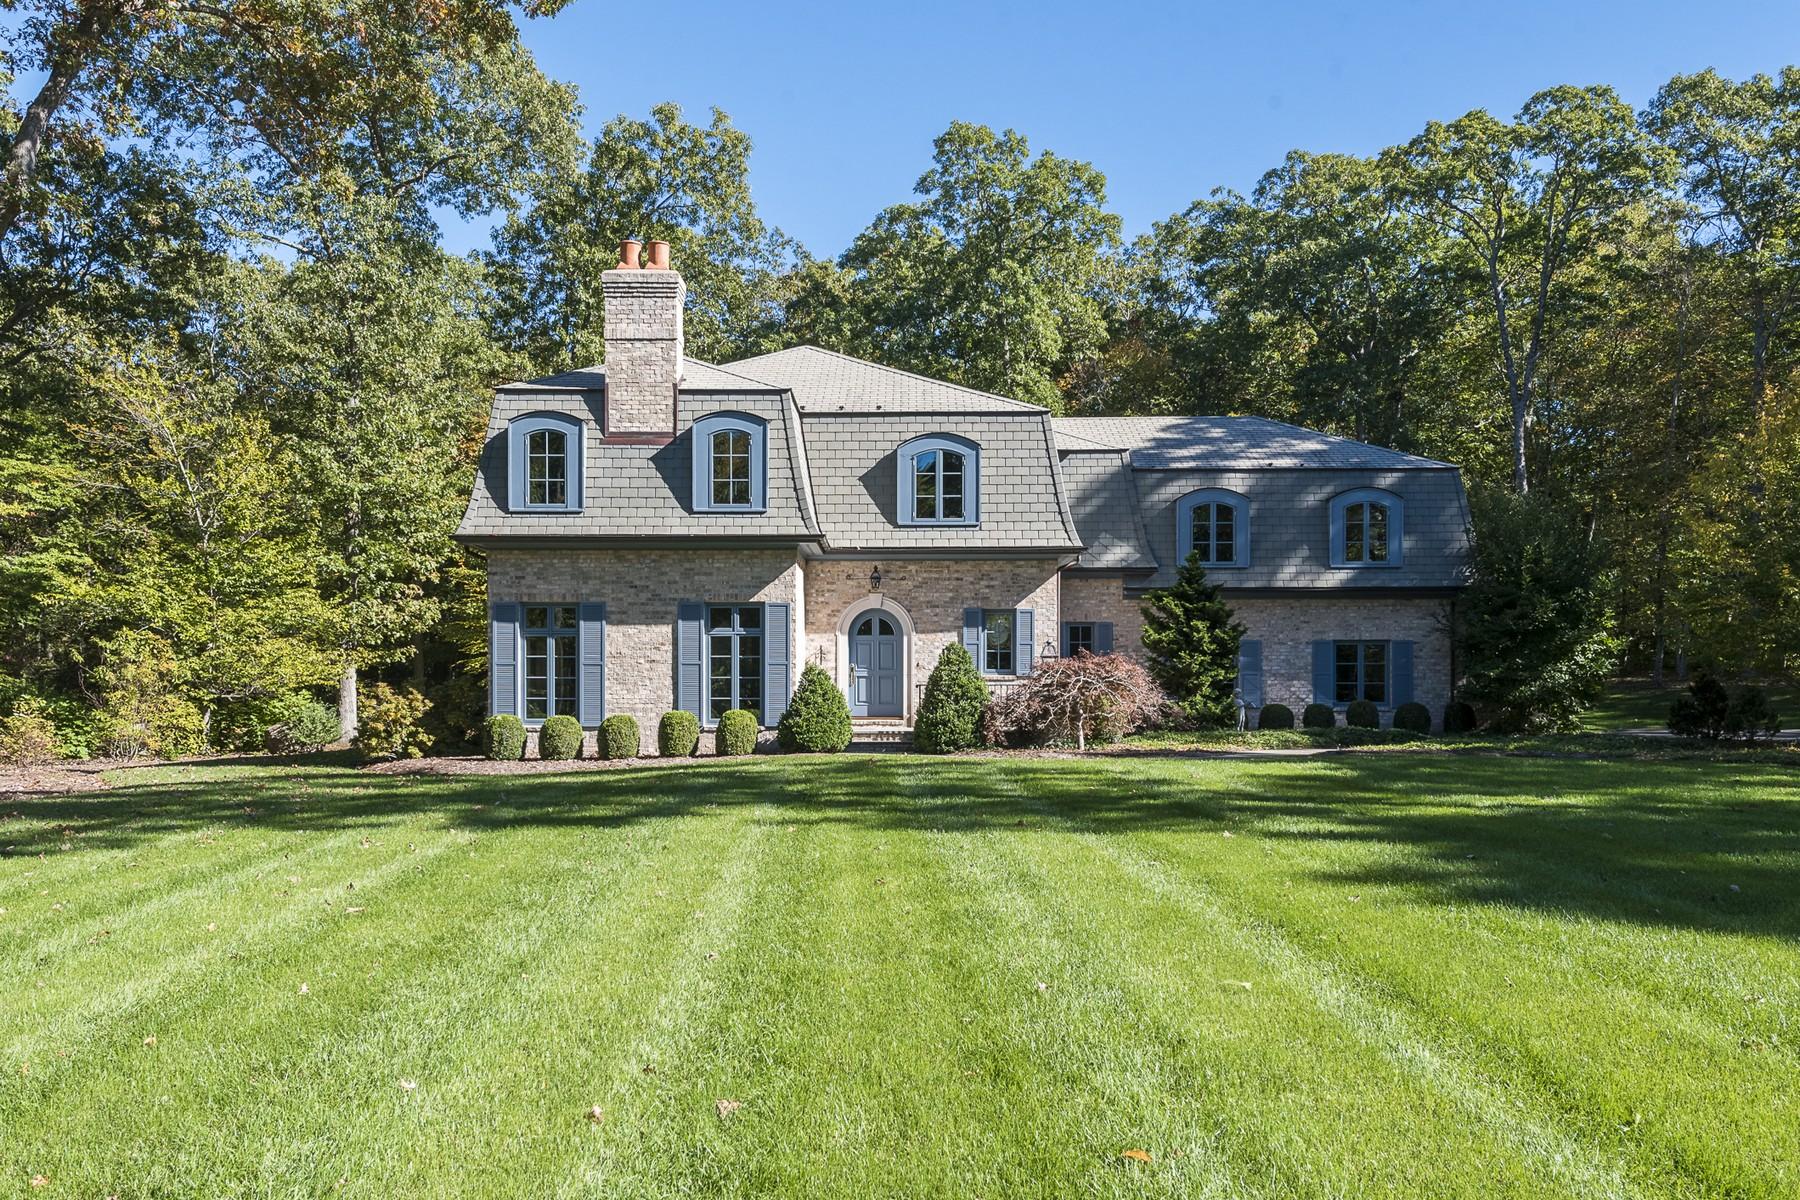 Maison unifamiliale pour l Vente à Brick & Slate French Tudor on Private Cul-de-Sac 36 Watrous Point Rd Old Saybrook, Connecticut, 06475 États-Unis